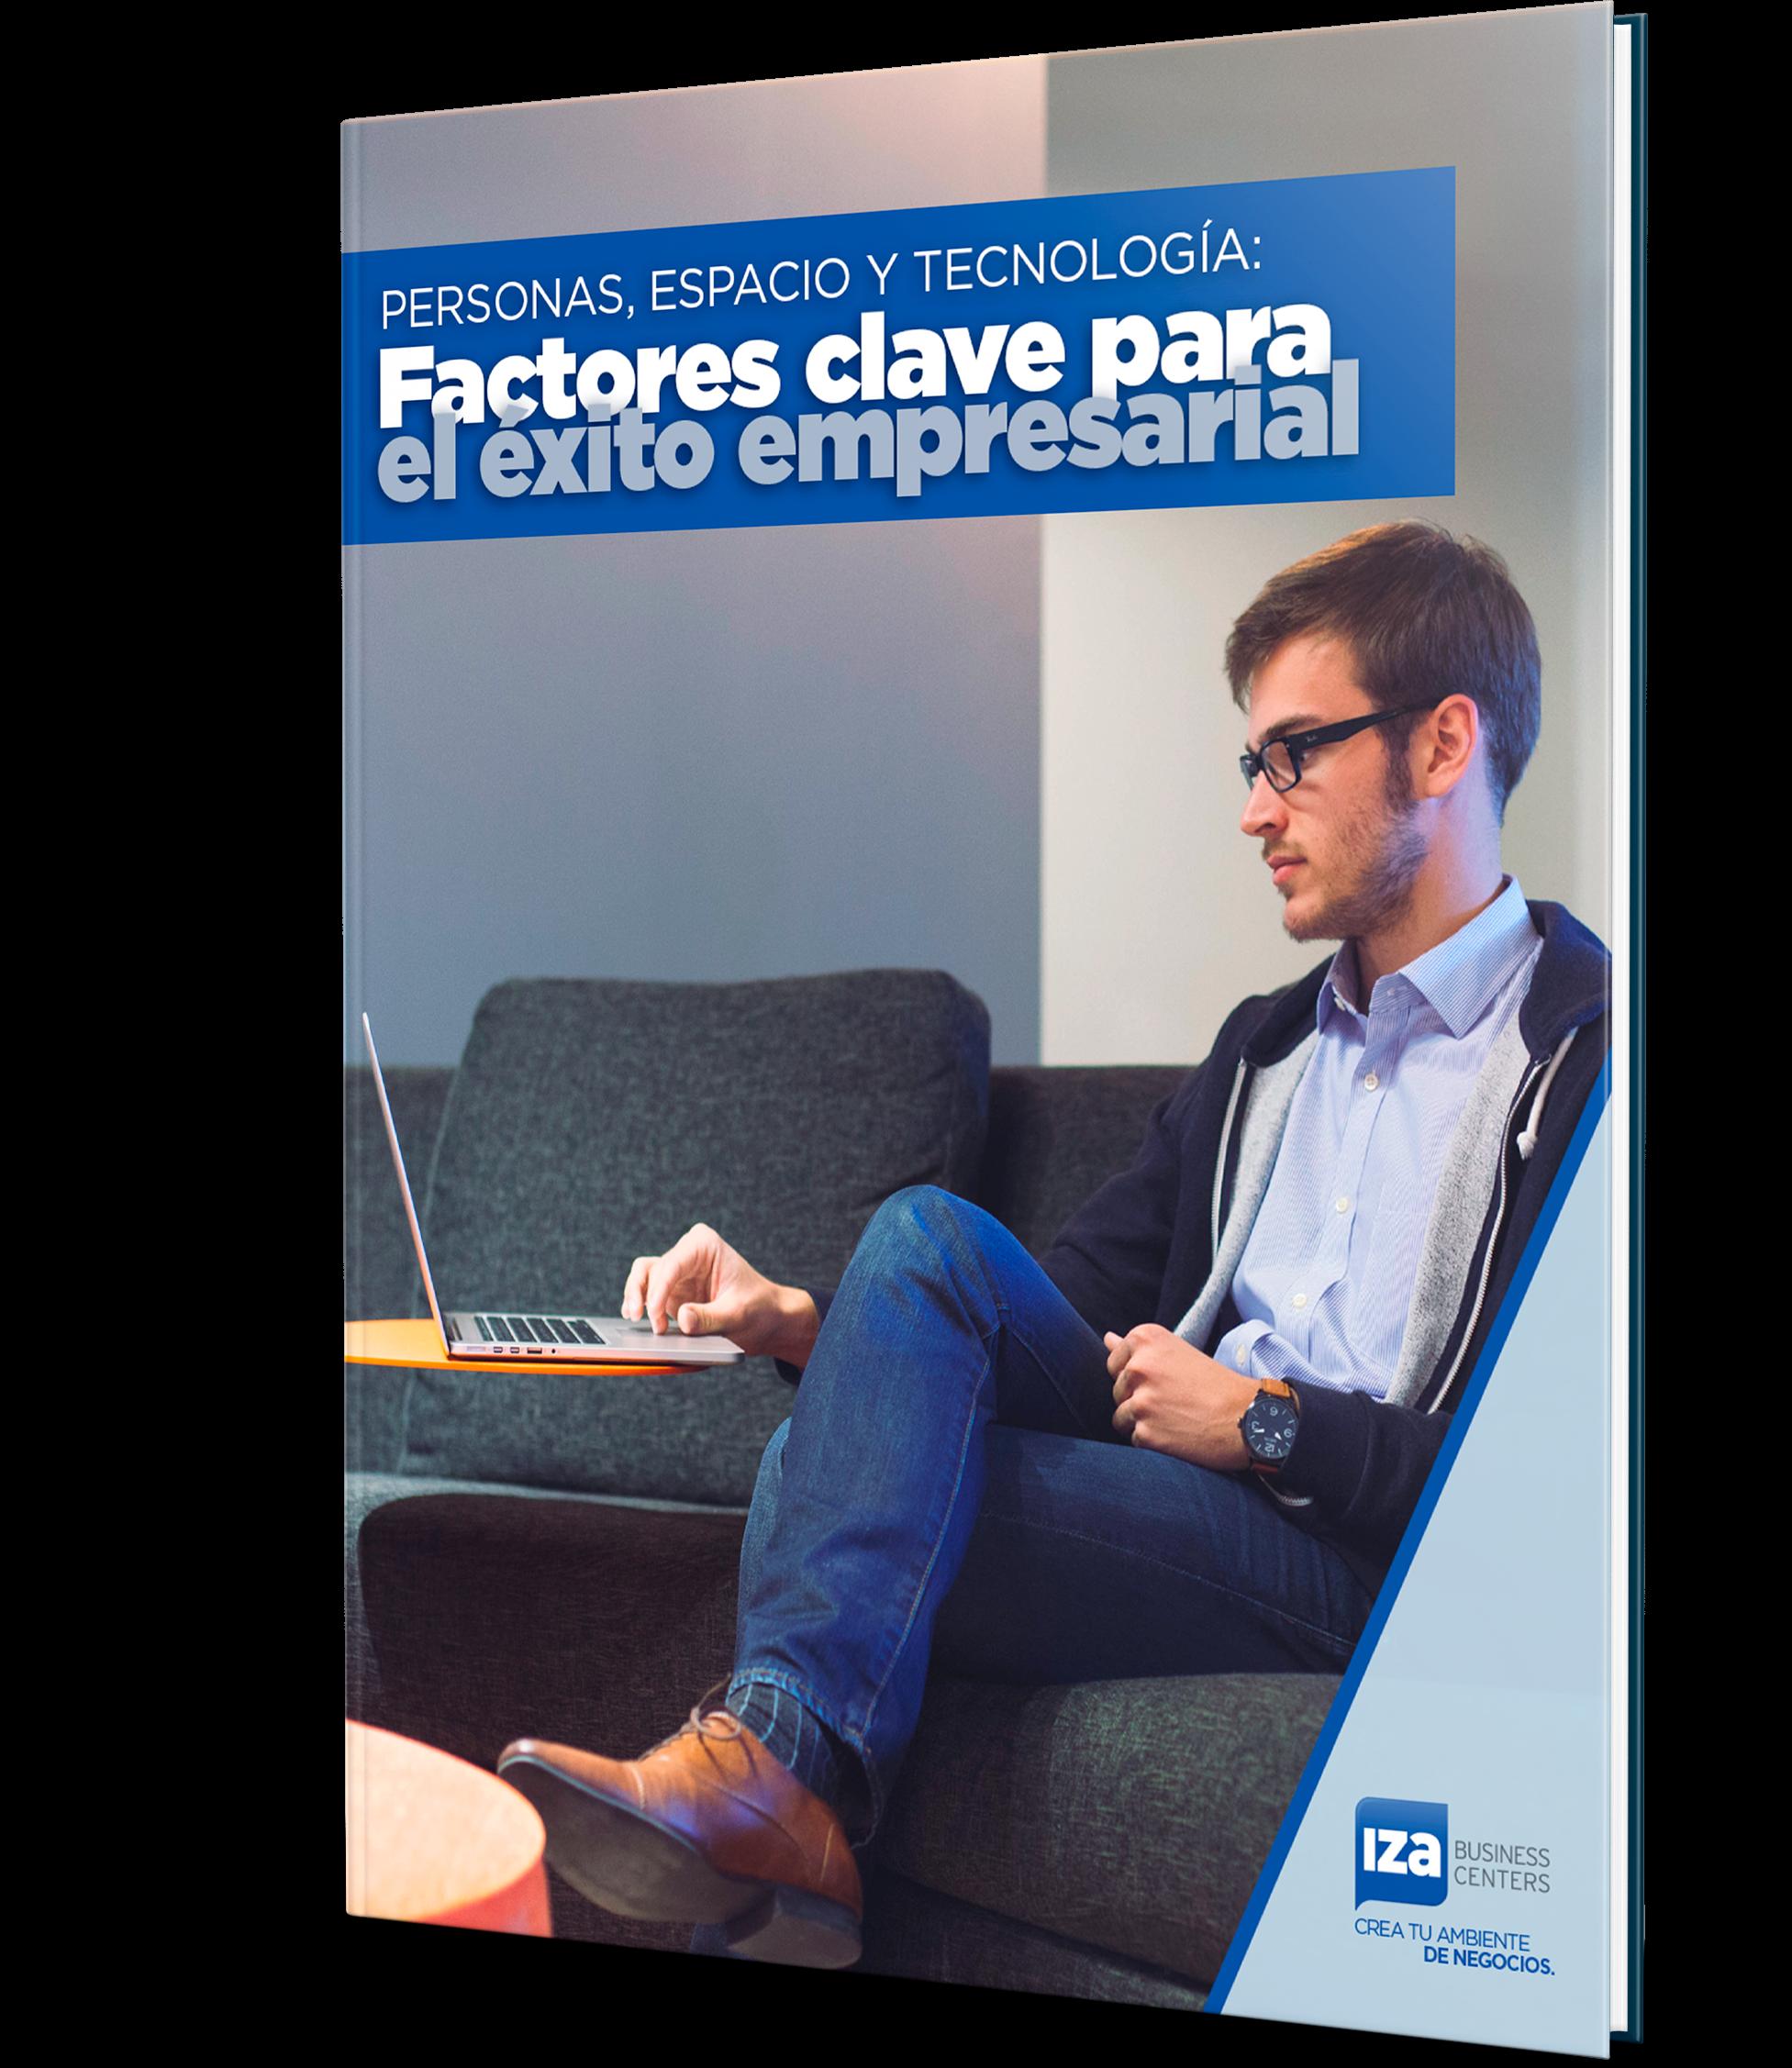 IZABC_eBook_Personas_trabajo_tecnología